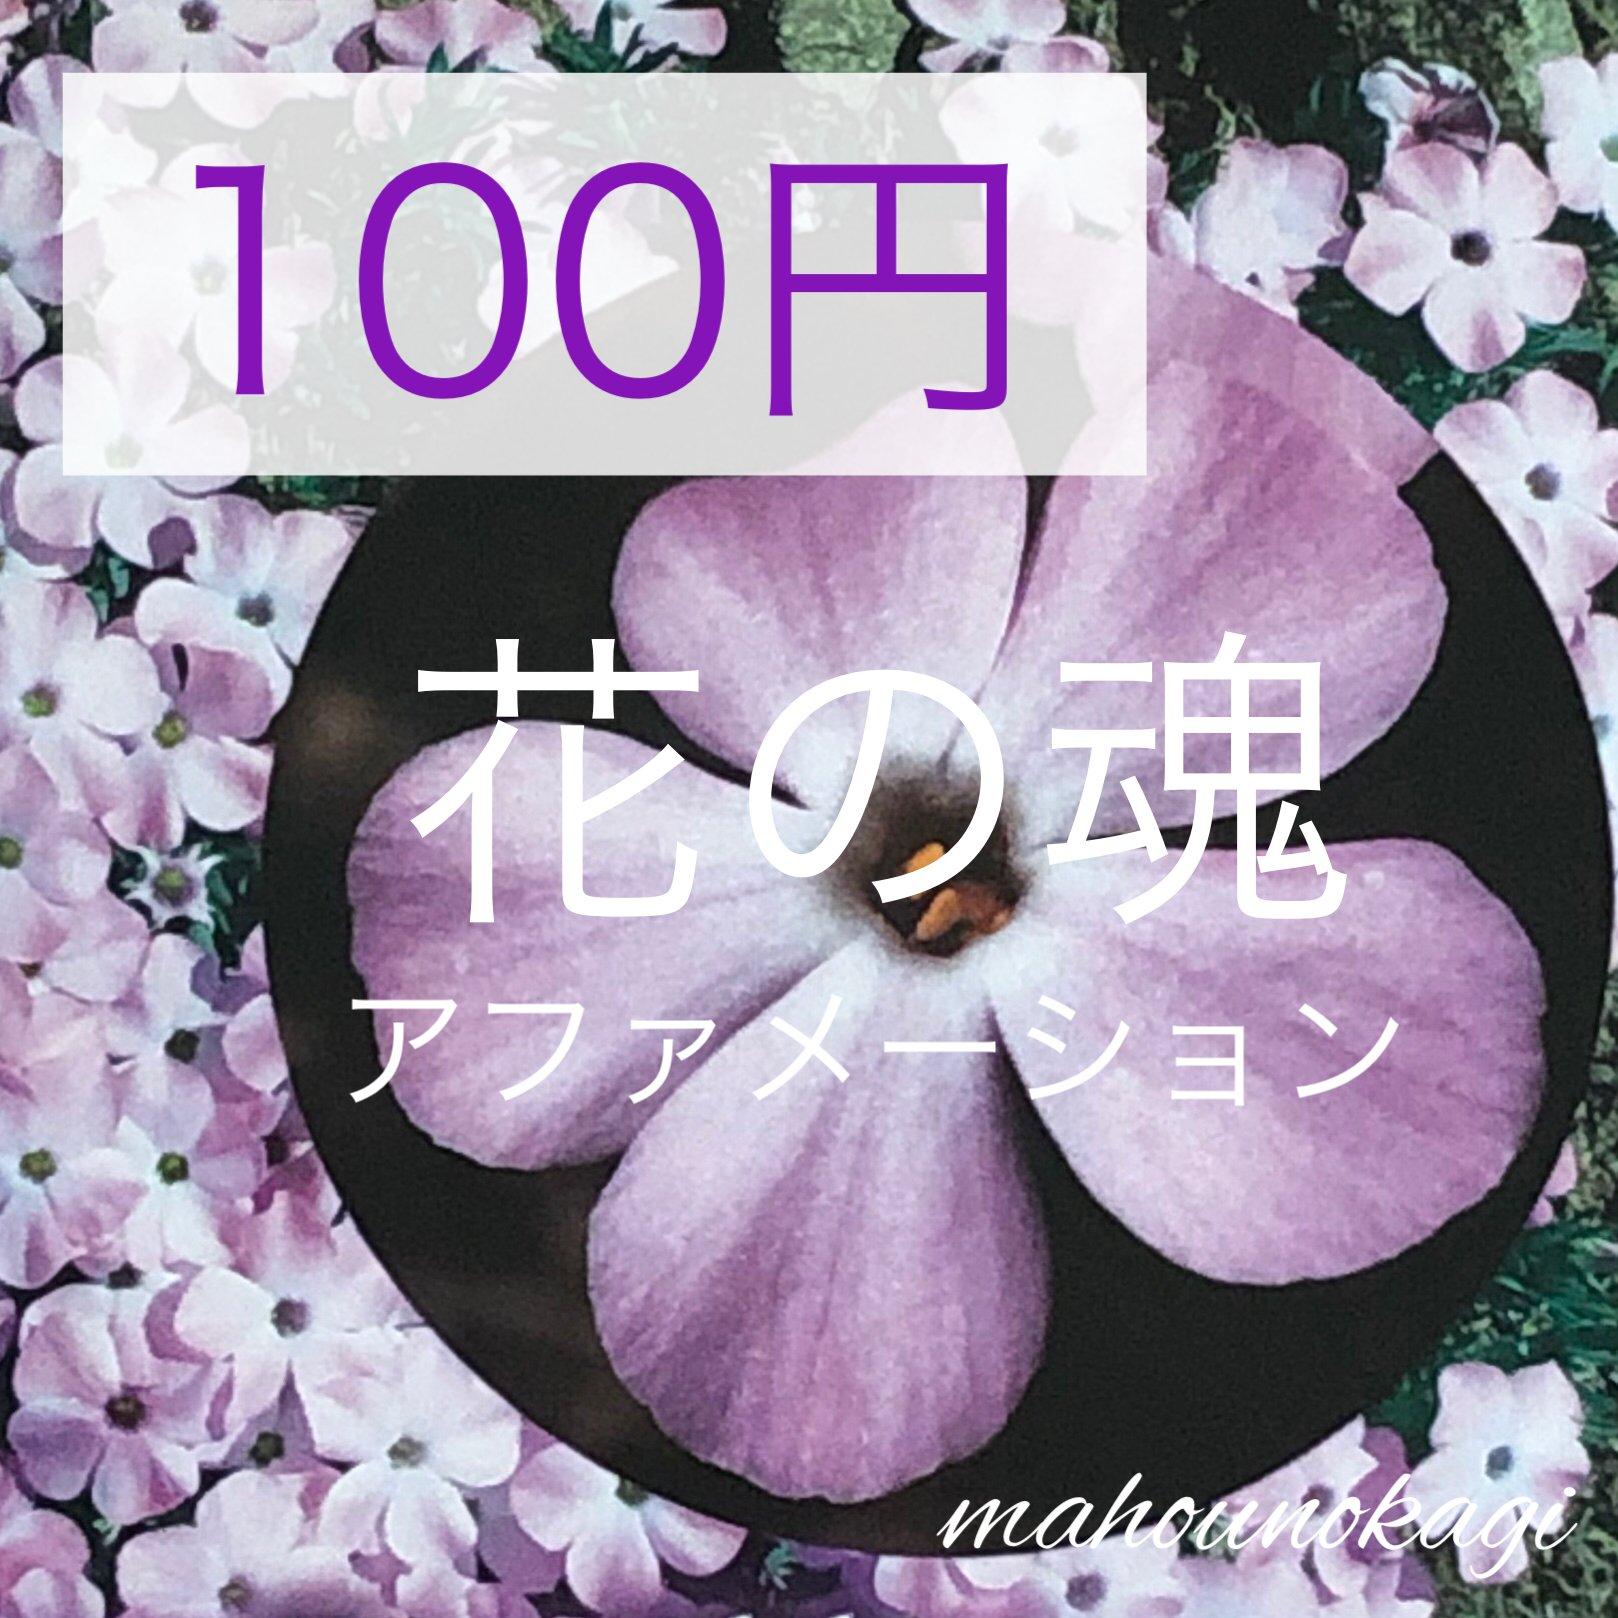 ★100円★あなたに必要なアファメーションメッセージをお伝えいたしますのイメージその1